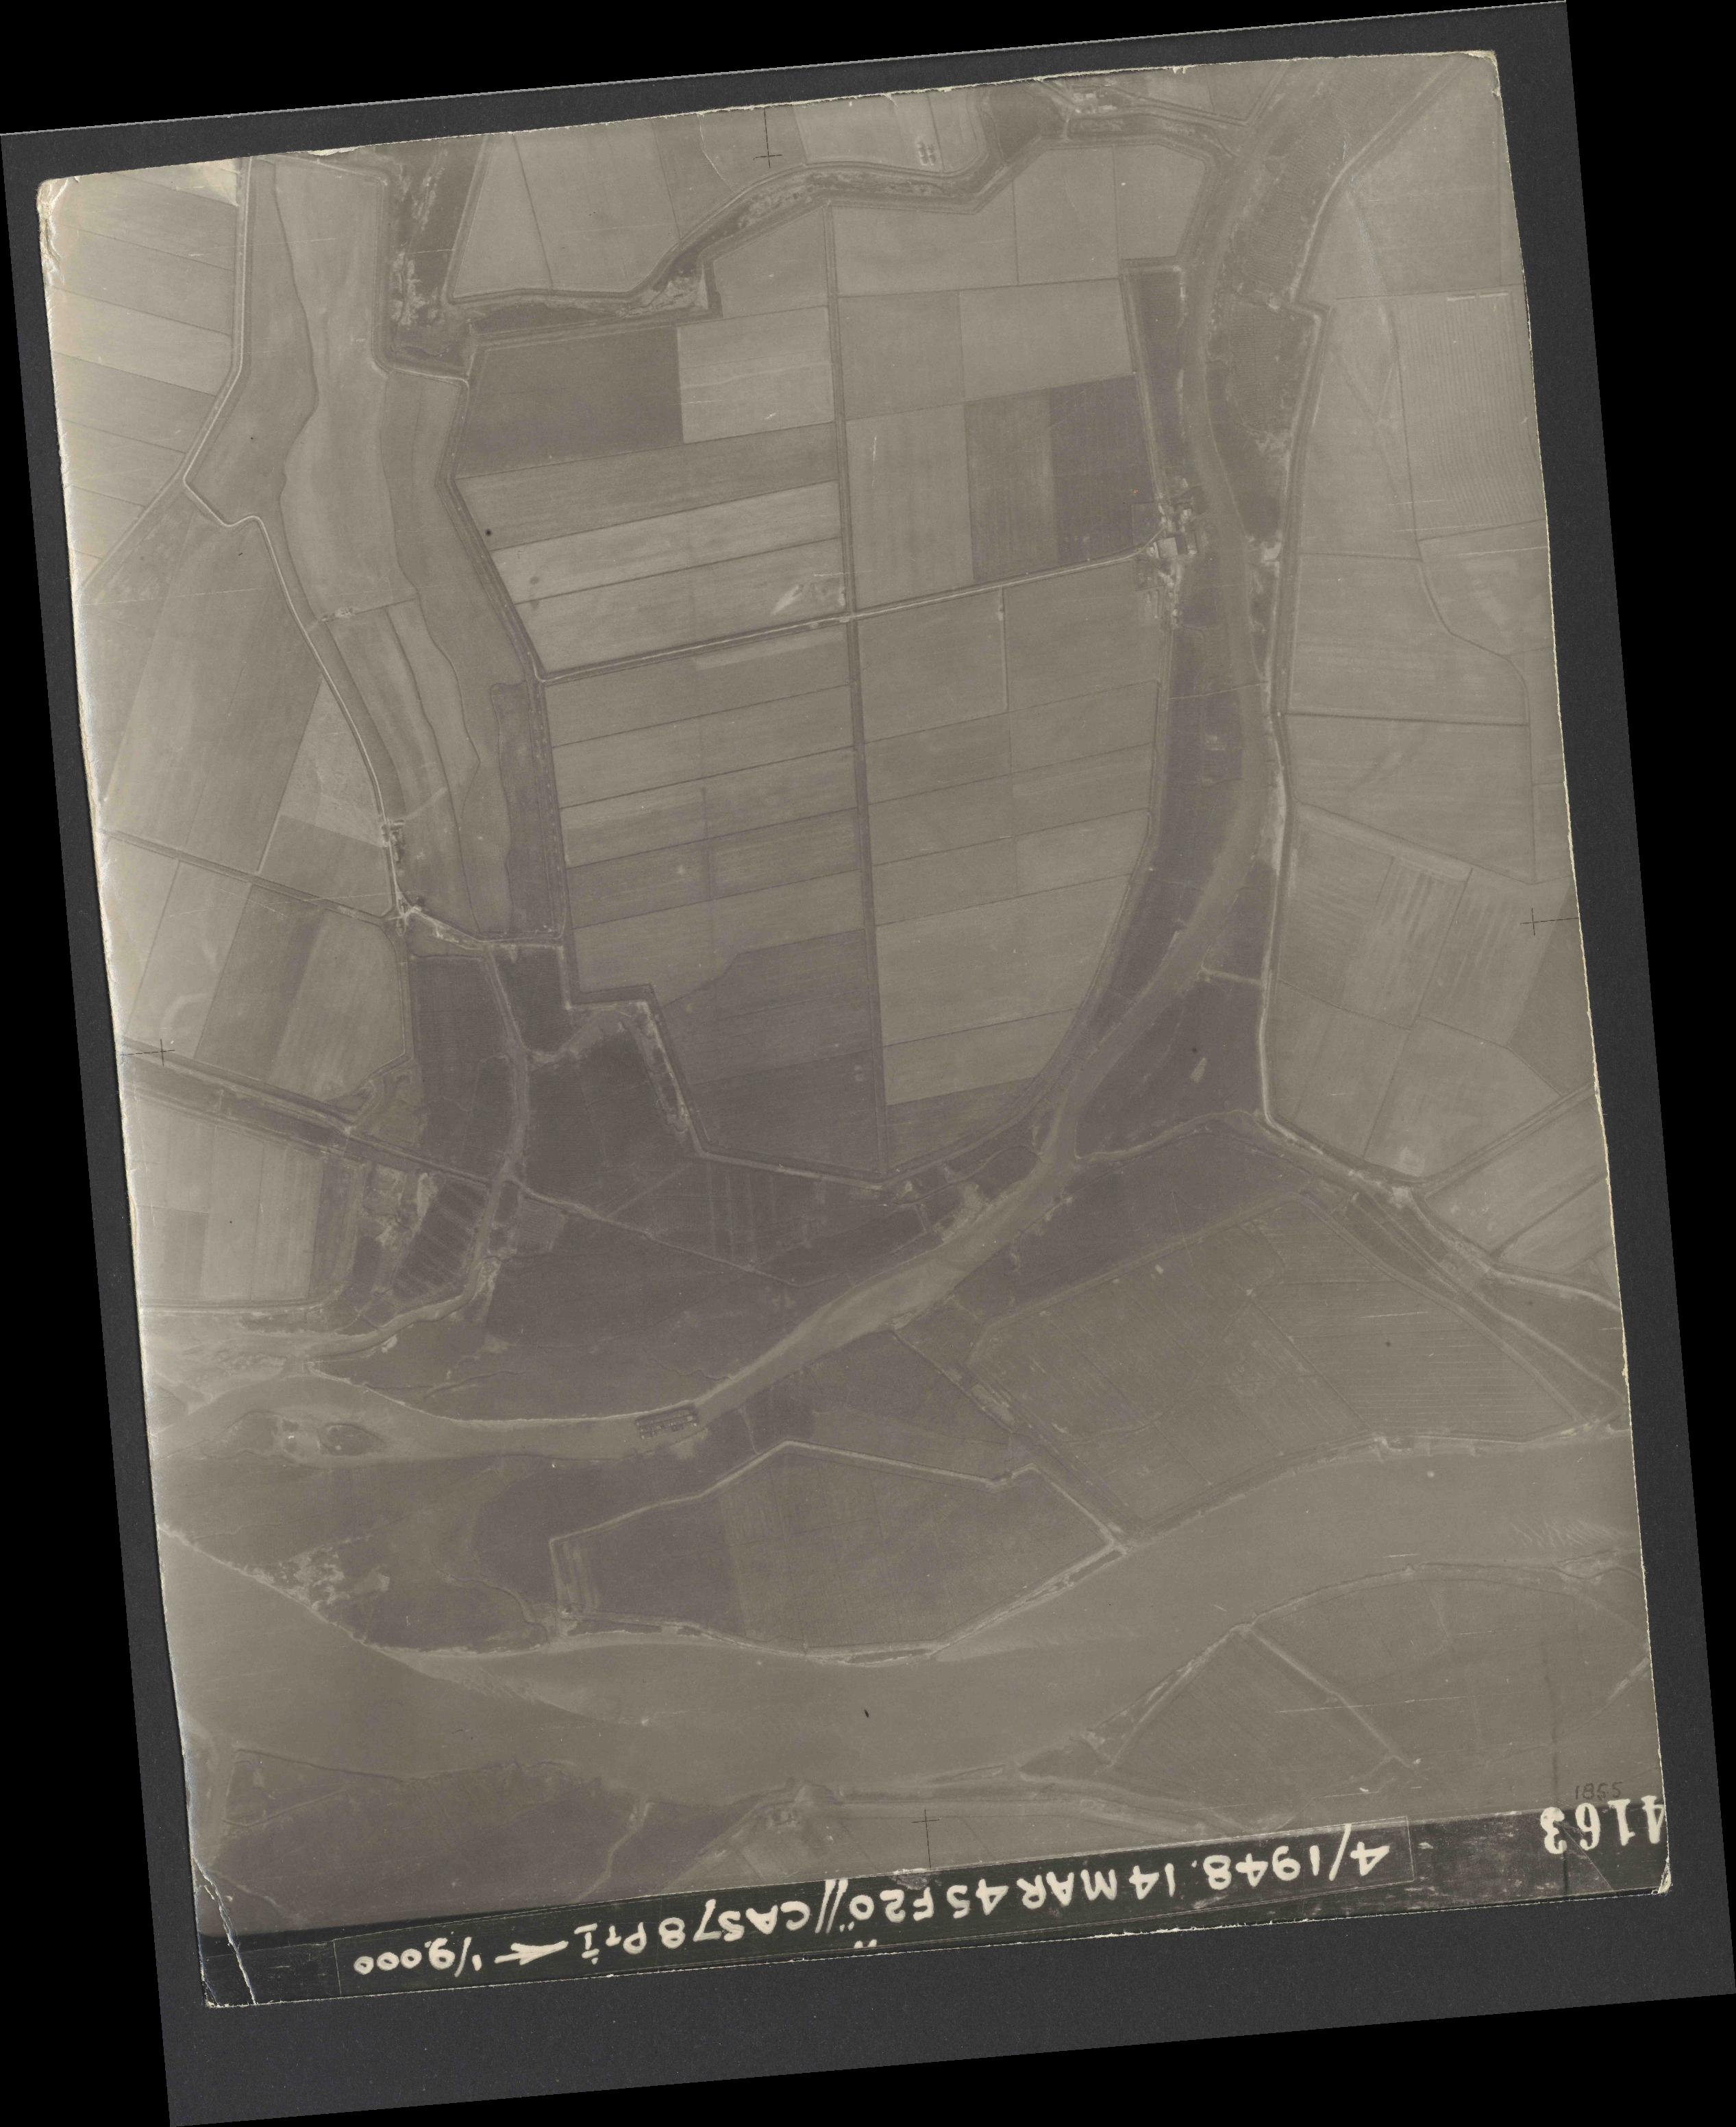 Collection RAF aerial photos 1940-1945 - flight 095, run 04, photo 4163